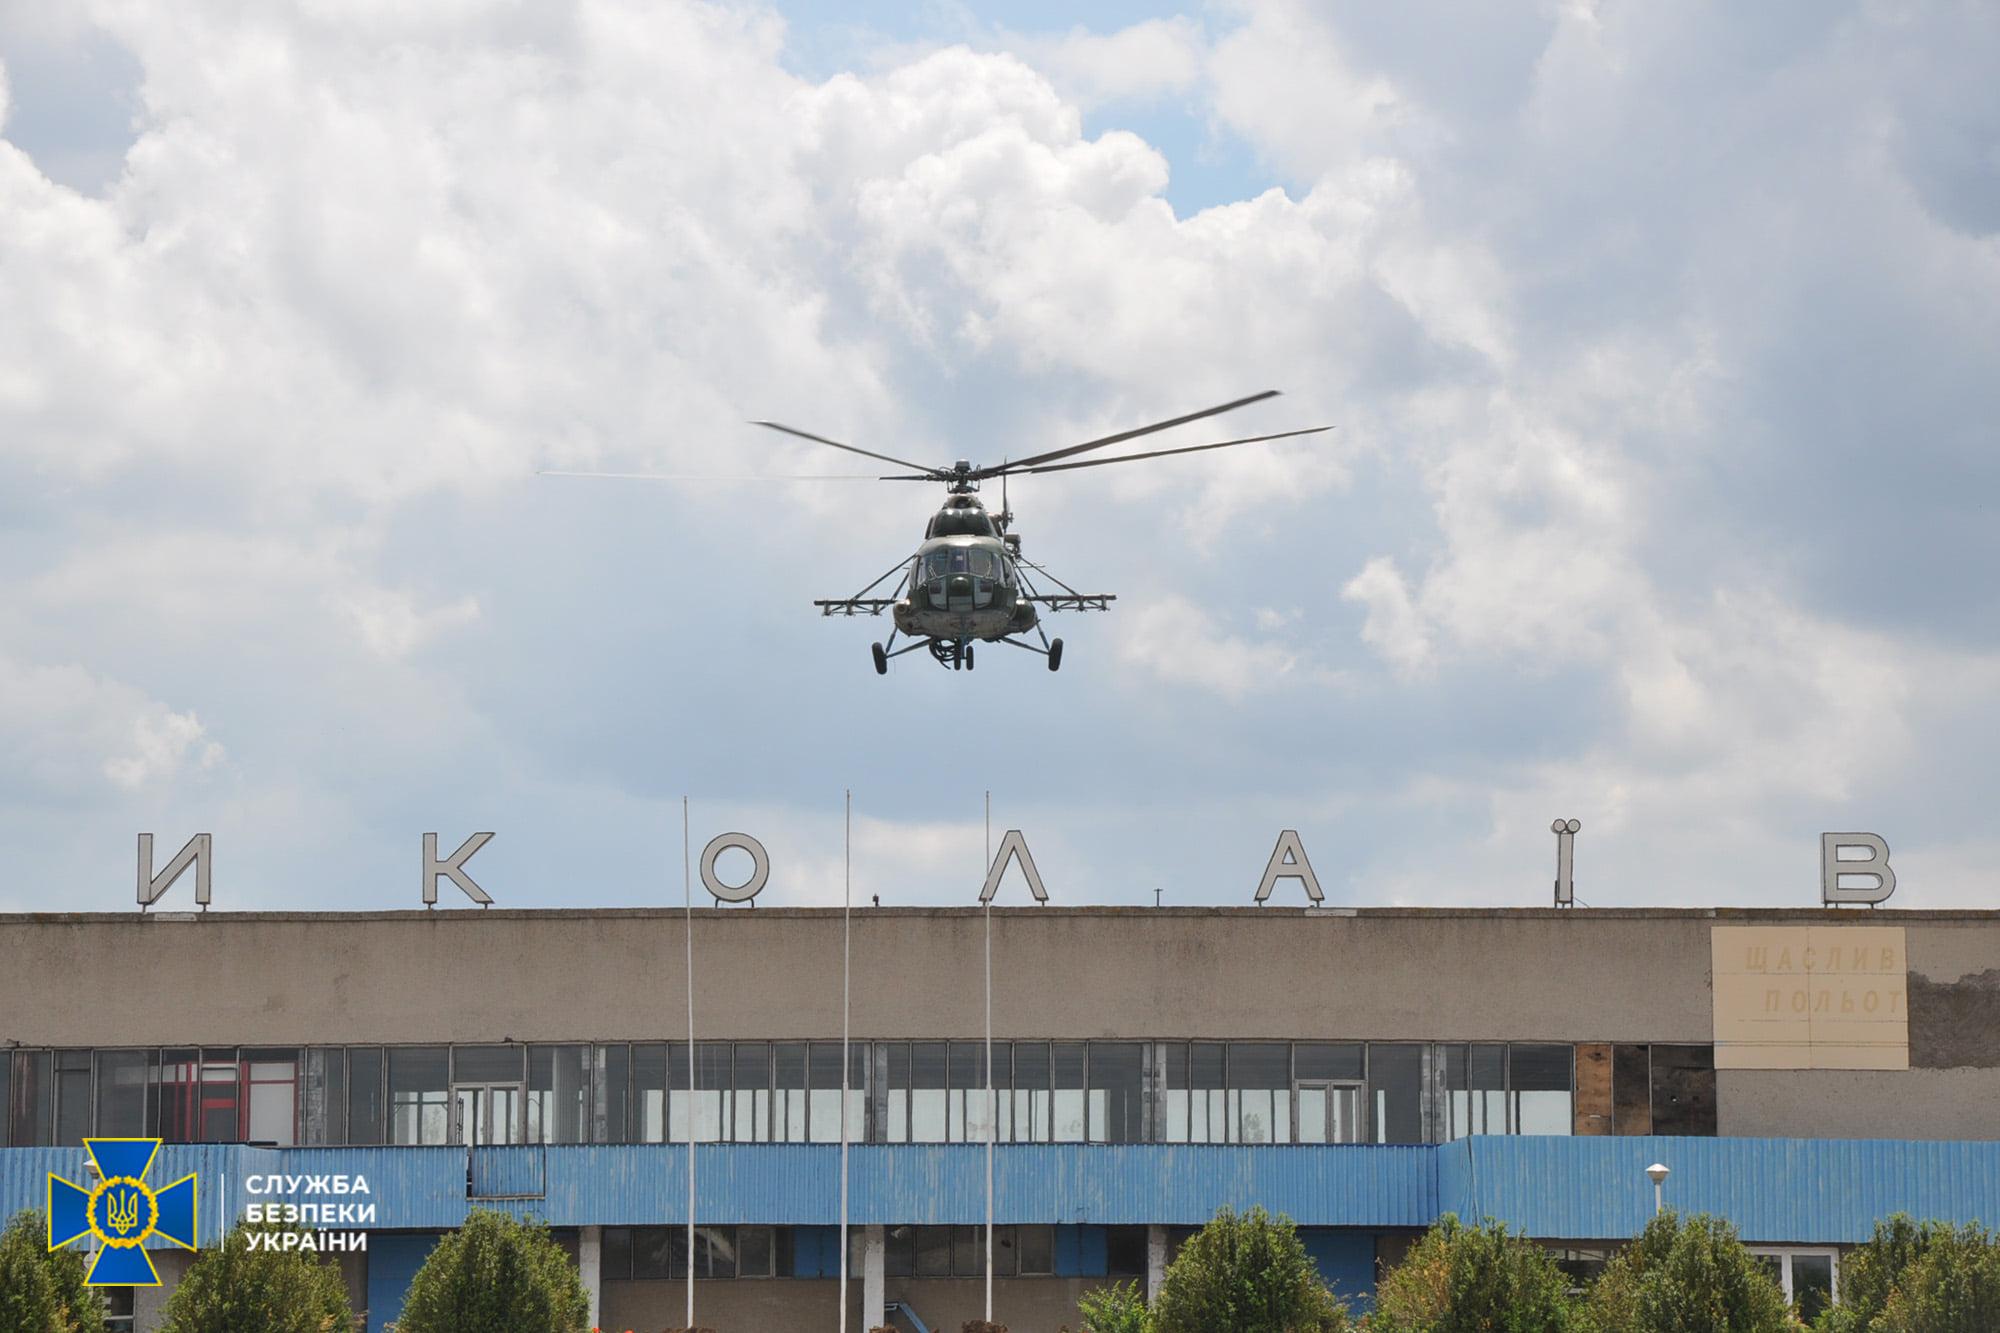 Остановка в Кривом Роге впрок не пошла - Windrose уходит из Николаевского аэропорта из-за отсутствия спроса на рейс на Киев 19